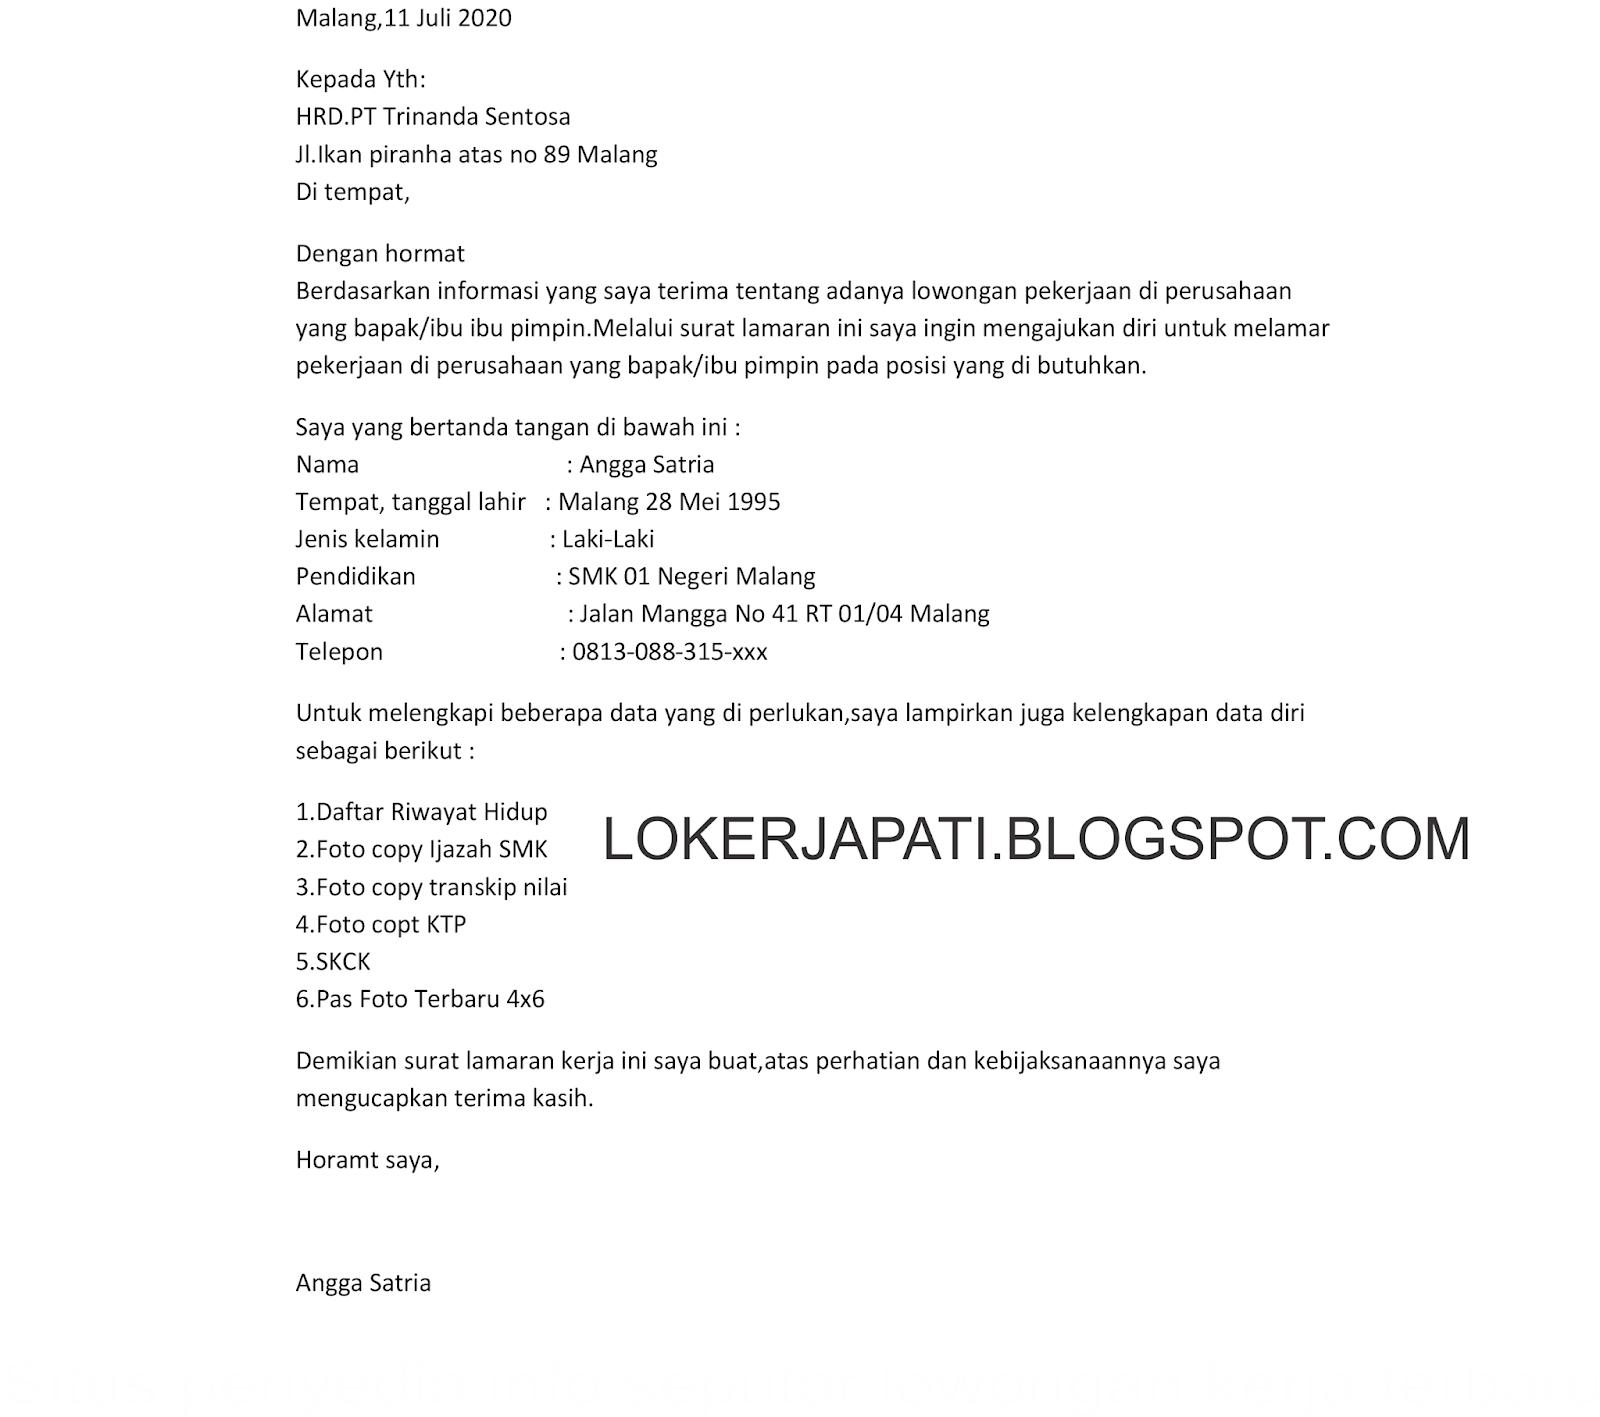 Contoh Surat Lamaran Kerja Di Pt Pwi Jepara Id Lif Co Id